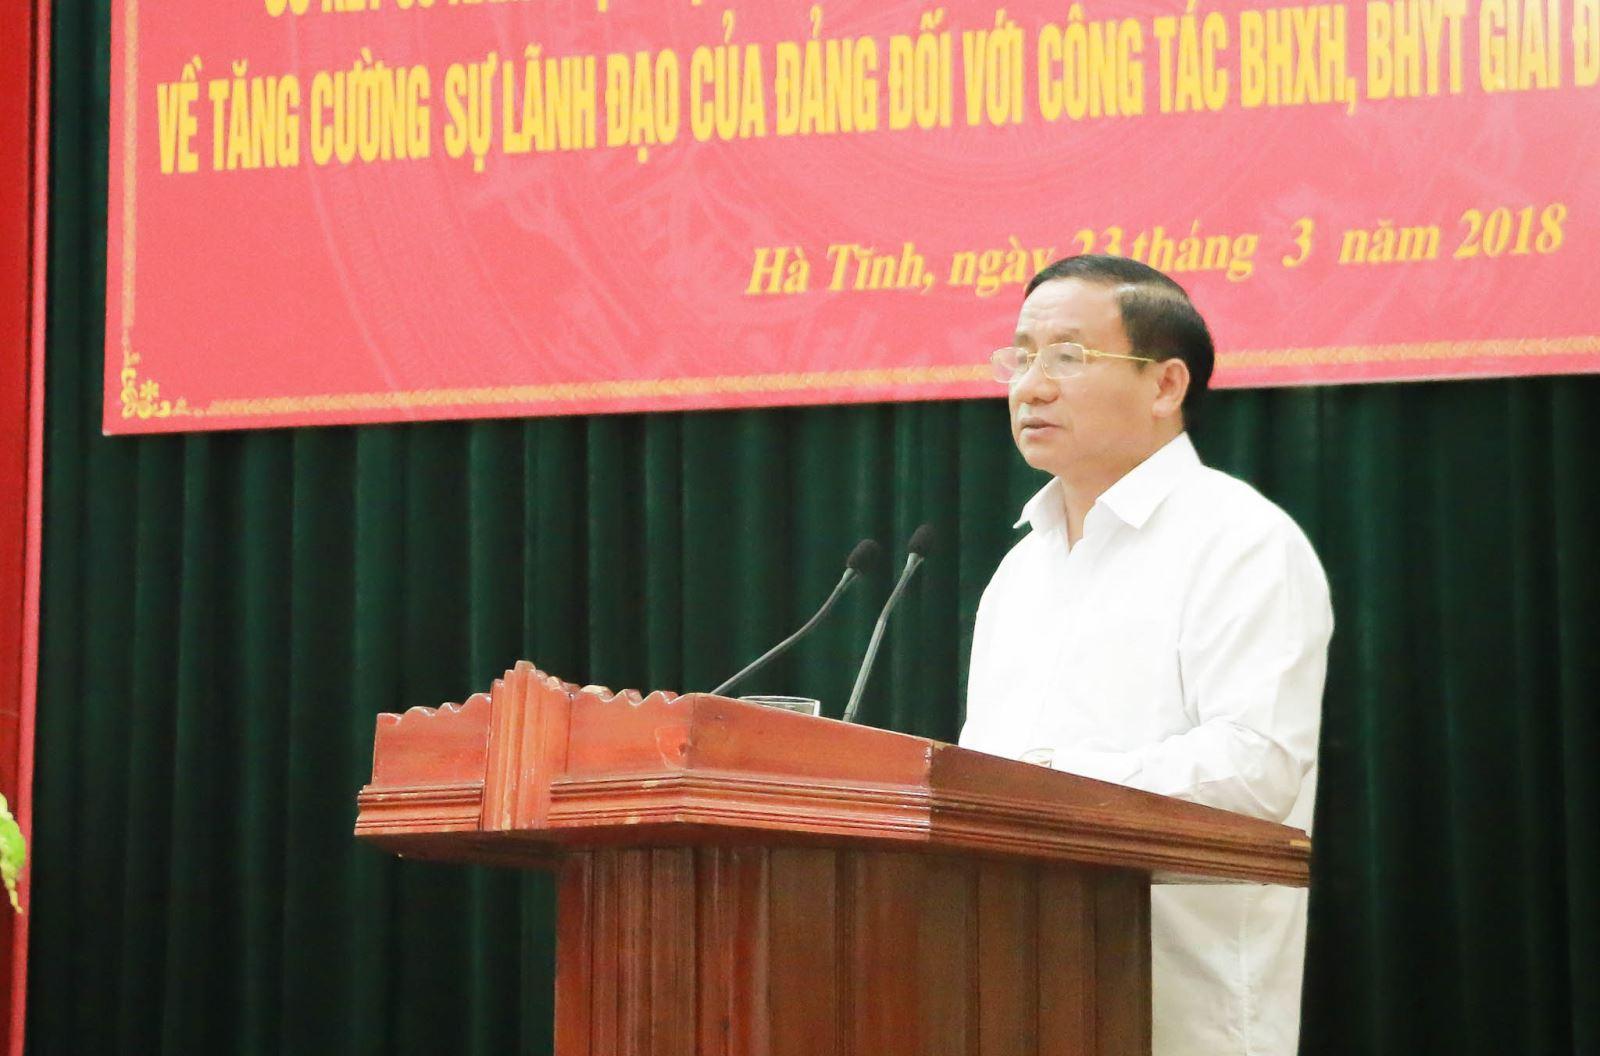 Hà Tĩnh: Sơ kết 5 năm thực hiện Nghị quyết 21 của Bộ Chính trị (khoá XI)